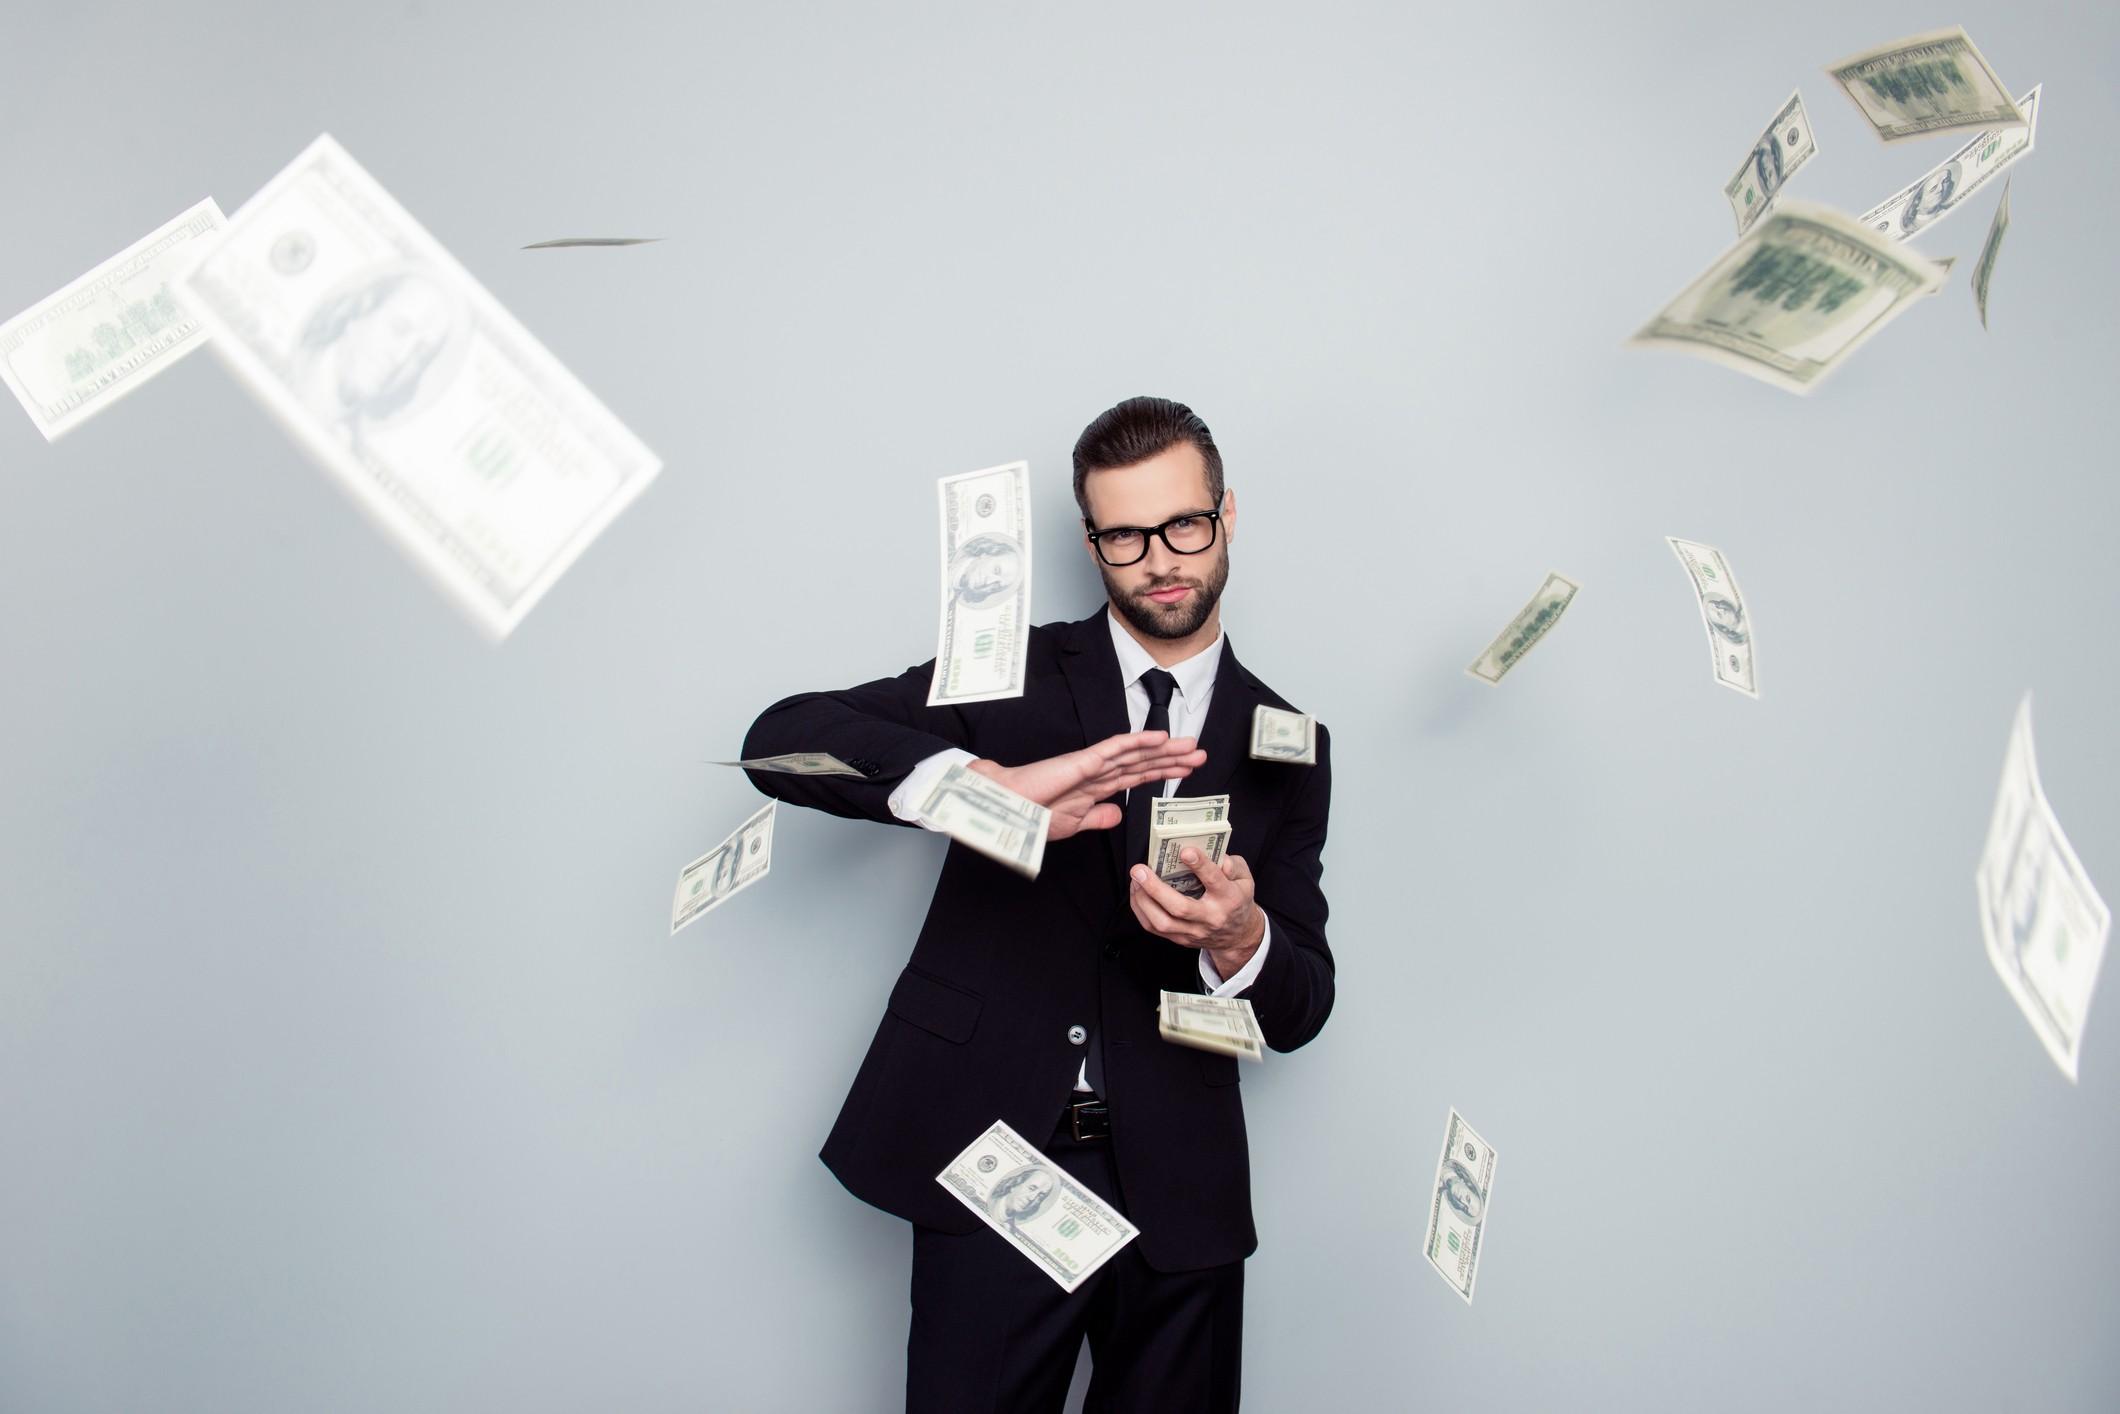 The Best Ways to Make Money Online